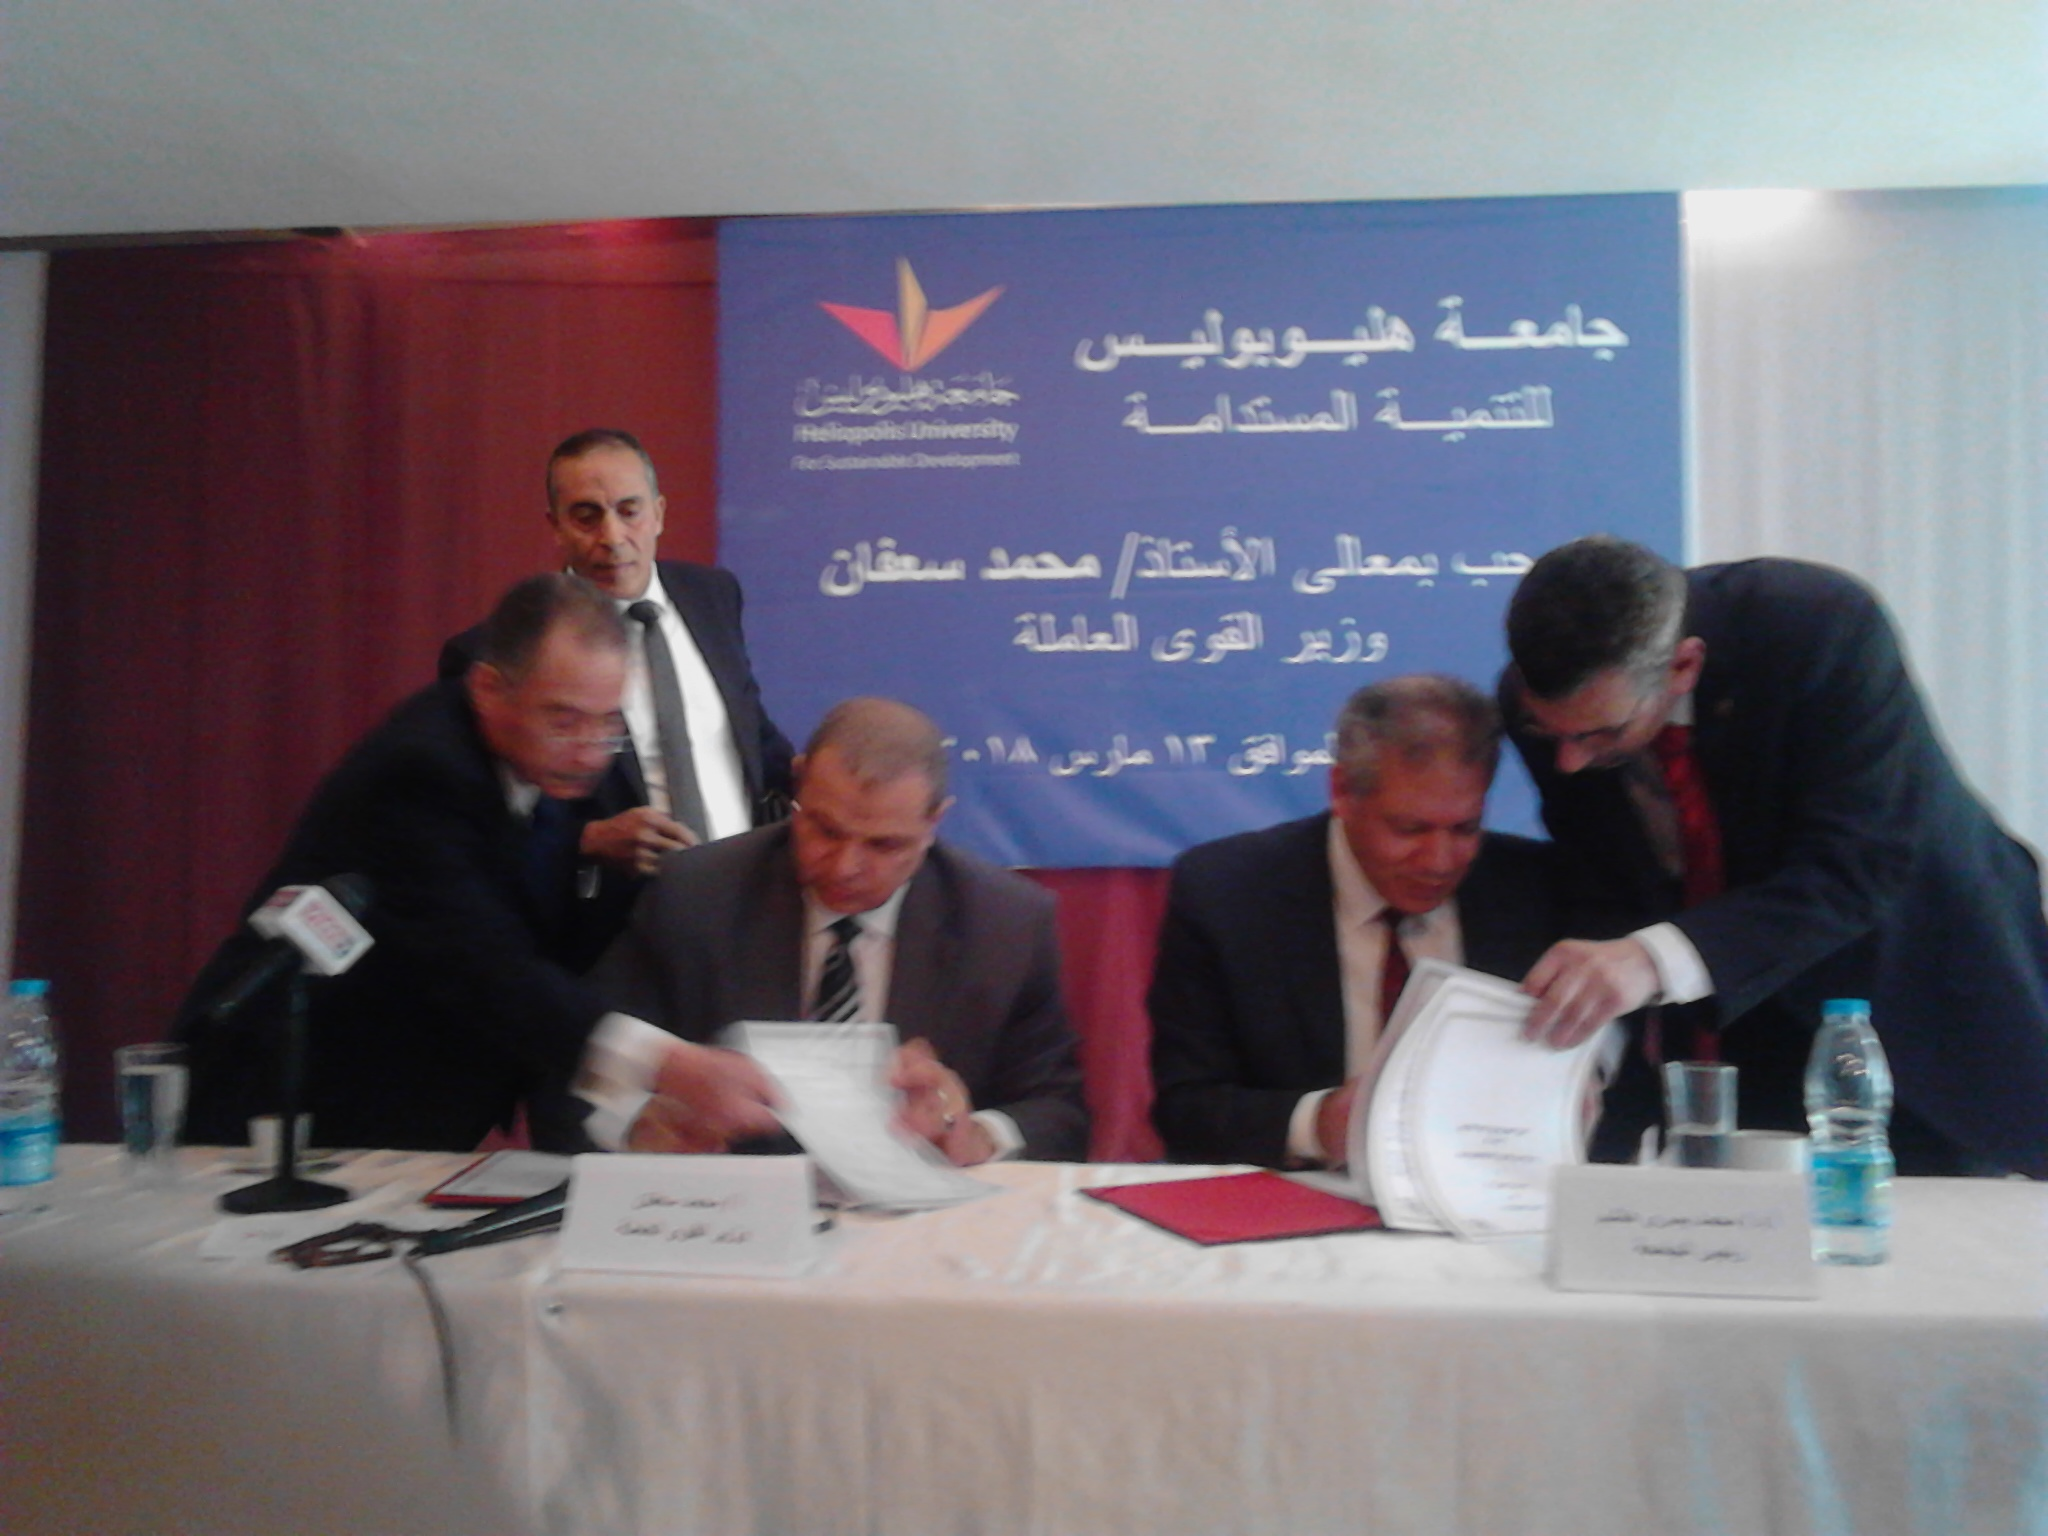 توقيع بروتوكولى تعاون بين القوى العاملة وجامعة هوليوبوليس  (3)